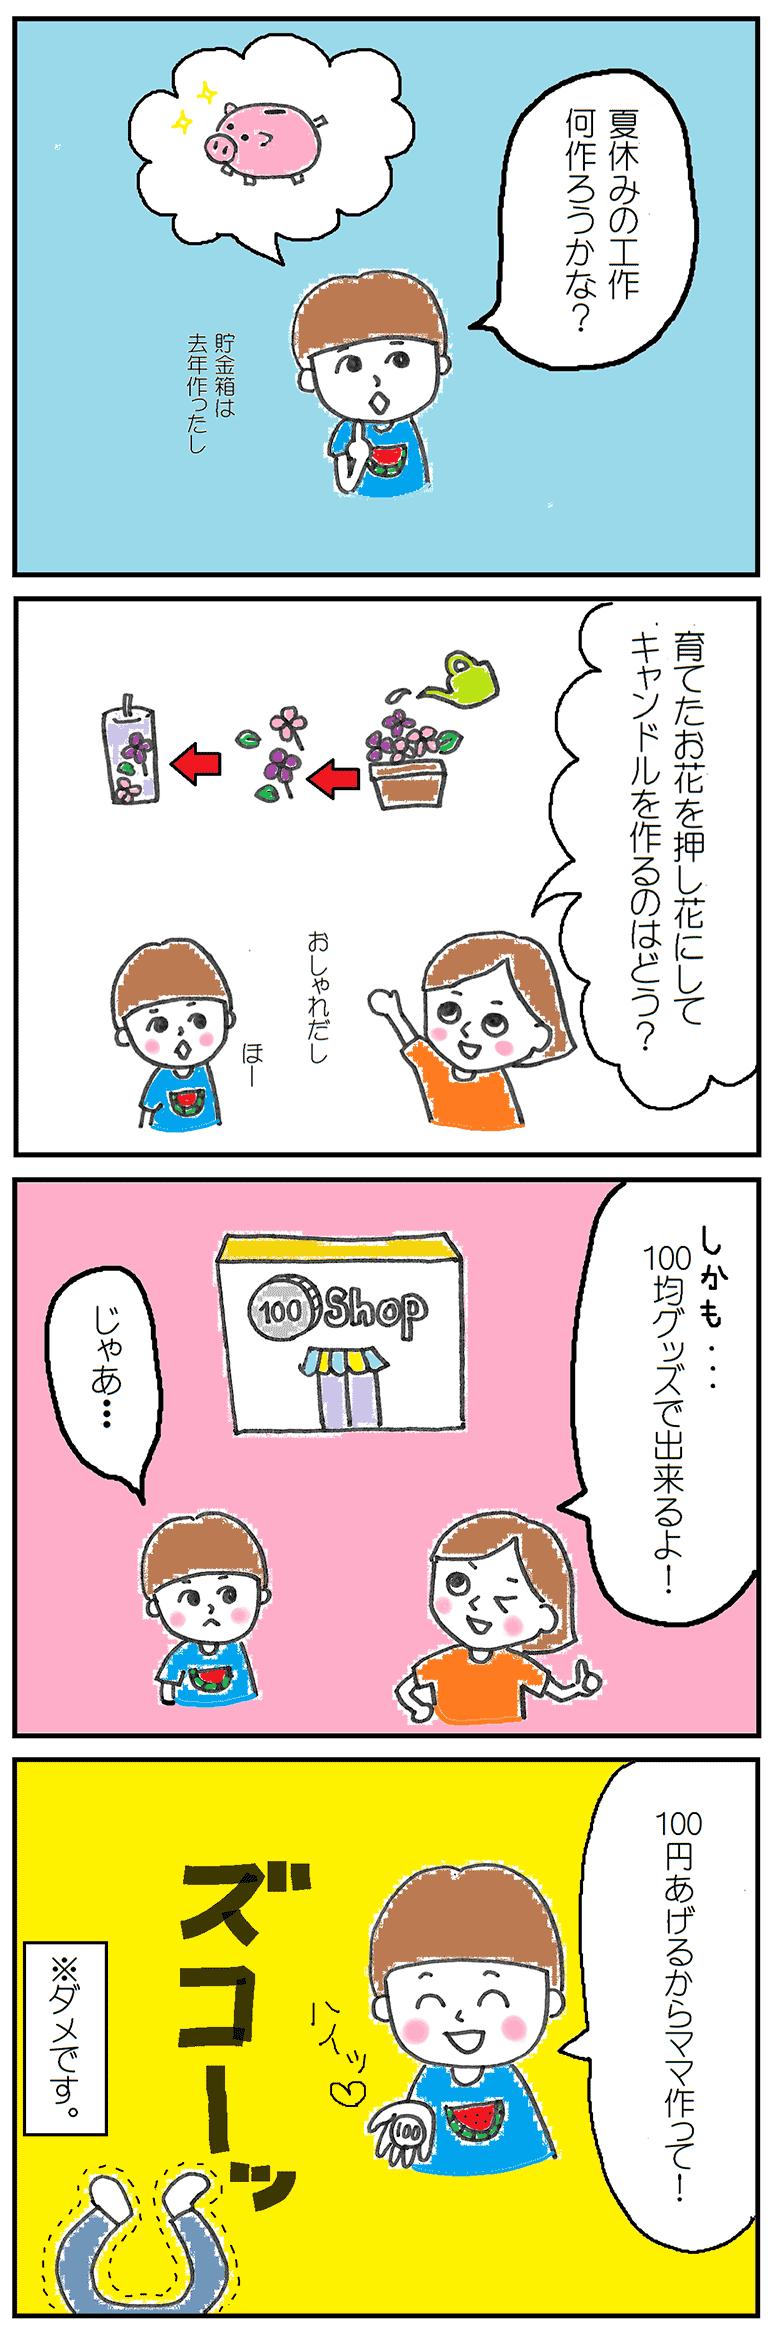 ボタニカルキャンドルの作り方について平山あおいさんの子育て4コマ漫画